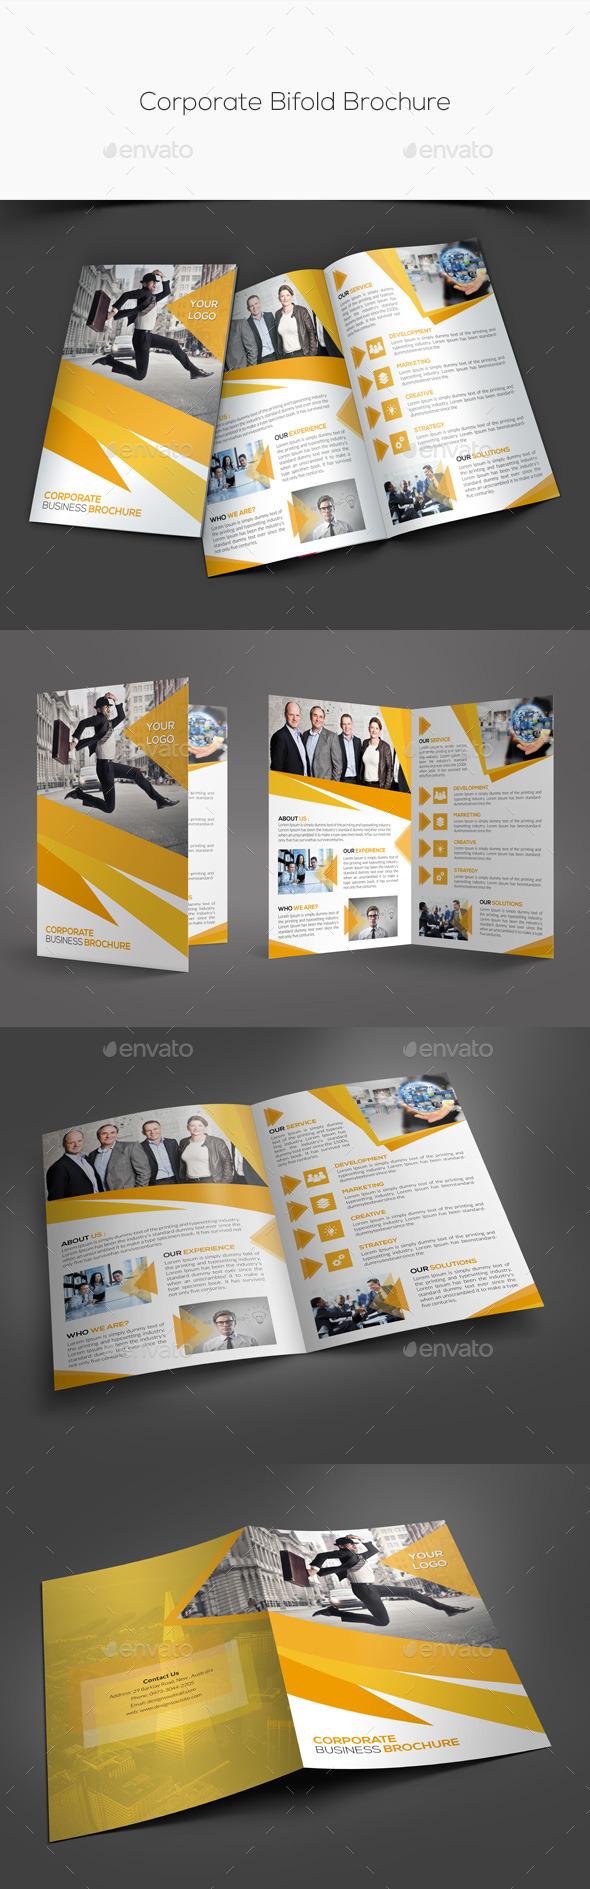 GraphicRiver Corporate Bifold Brochure 11252886